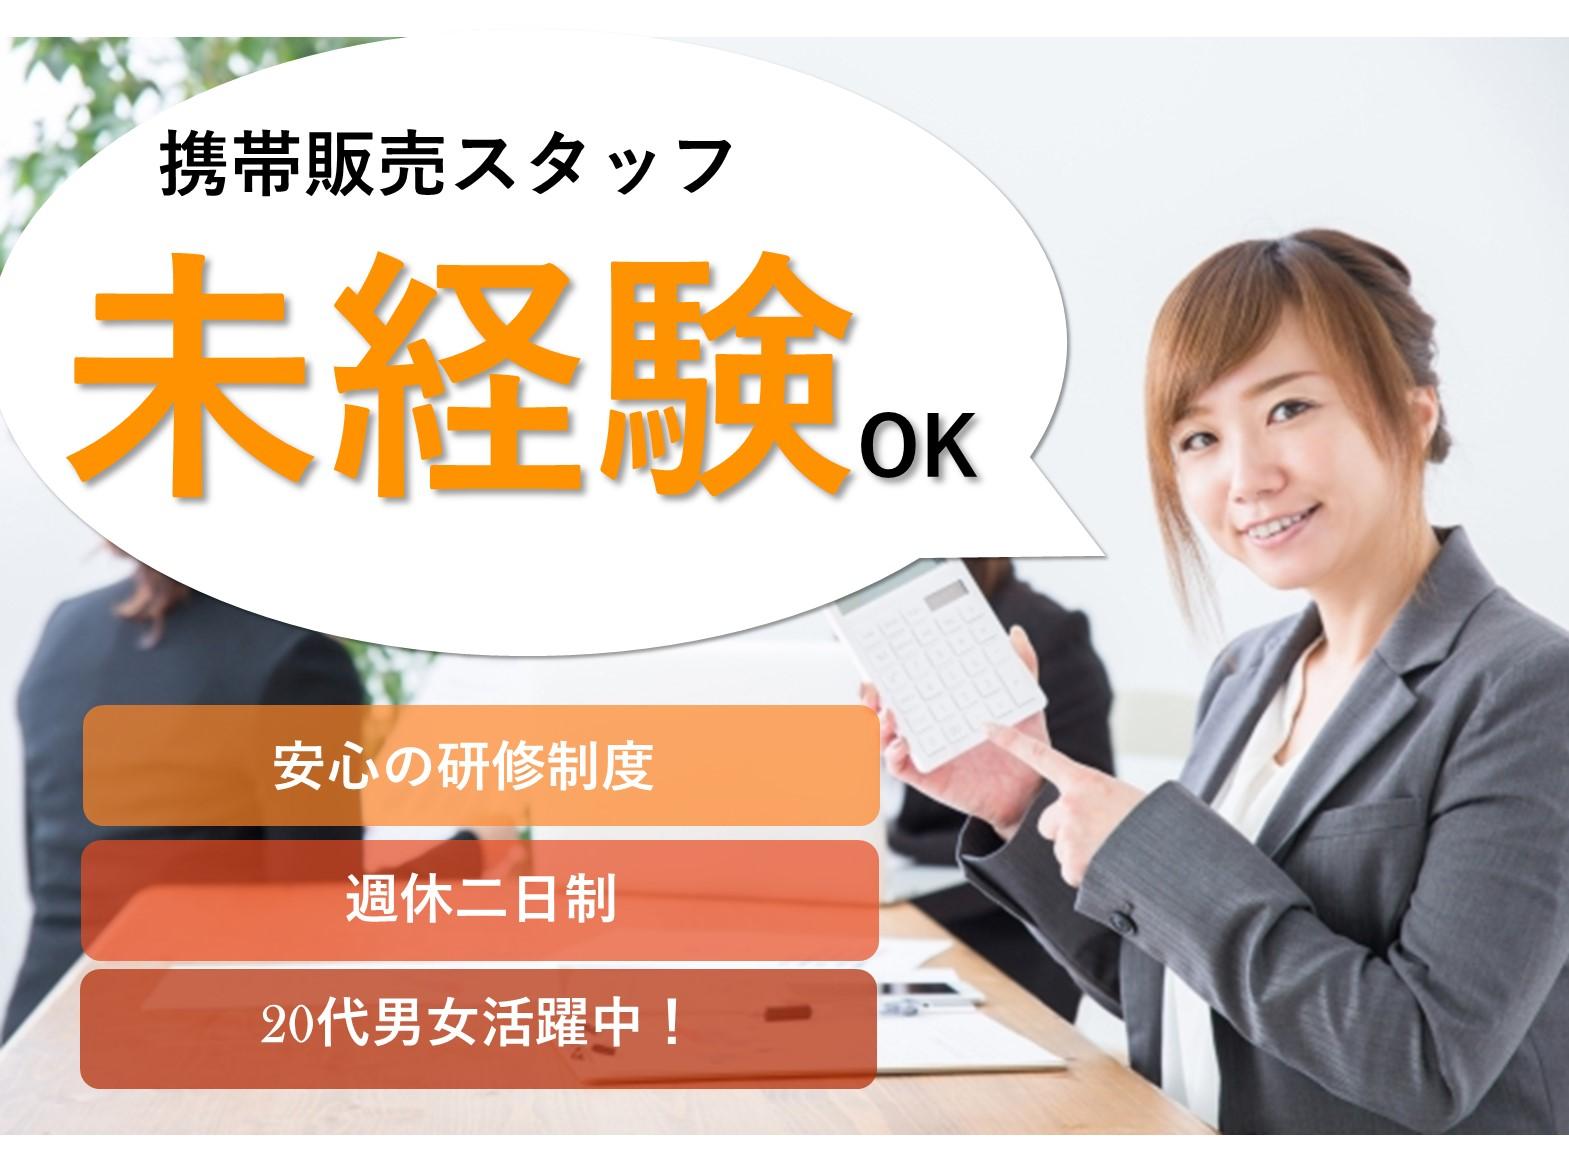 家電量販店の携帯販売スタッフ【即面談可能】未経験OK!キャリアUPも◎ イメージ